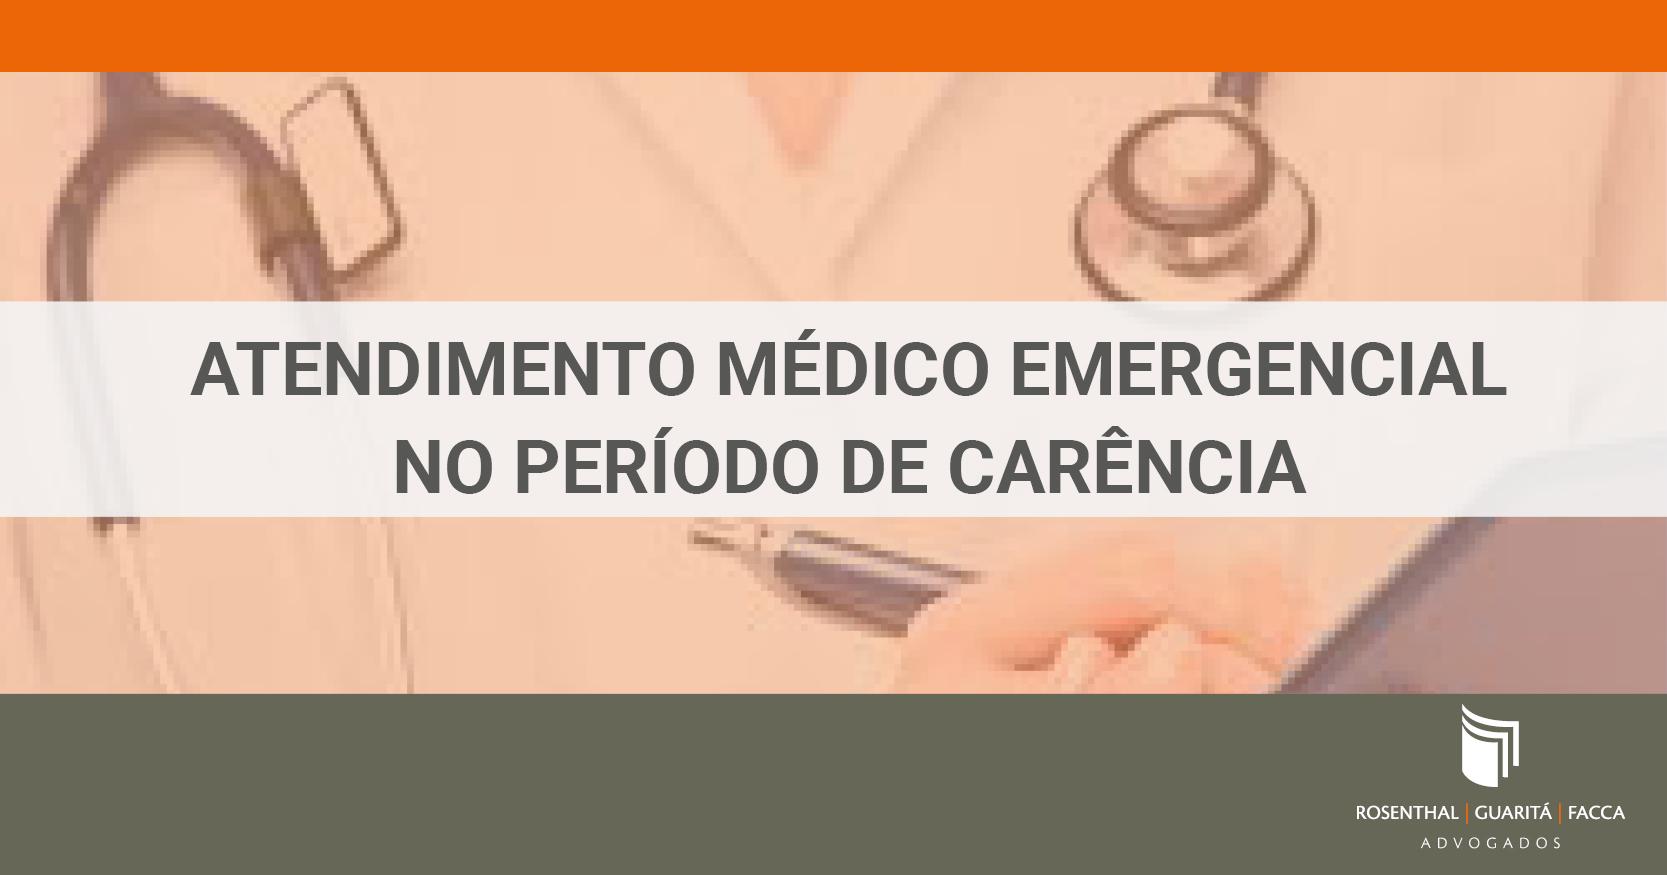 ATENDIMENTO MÉDICO EMERGENCIAL NO PERÍODO DE CARÊNCIA